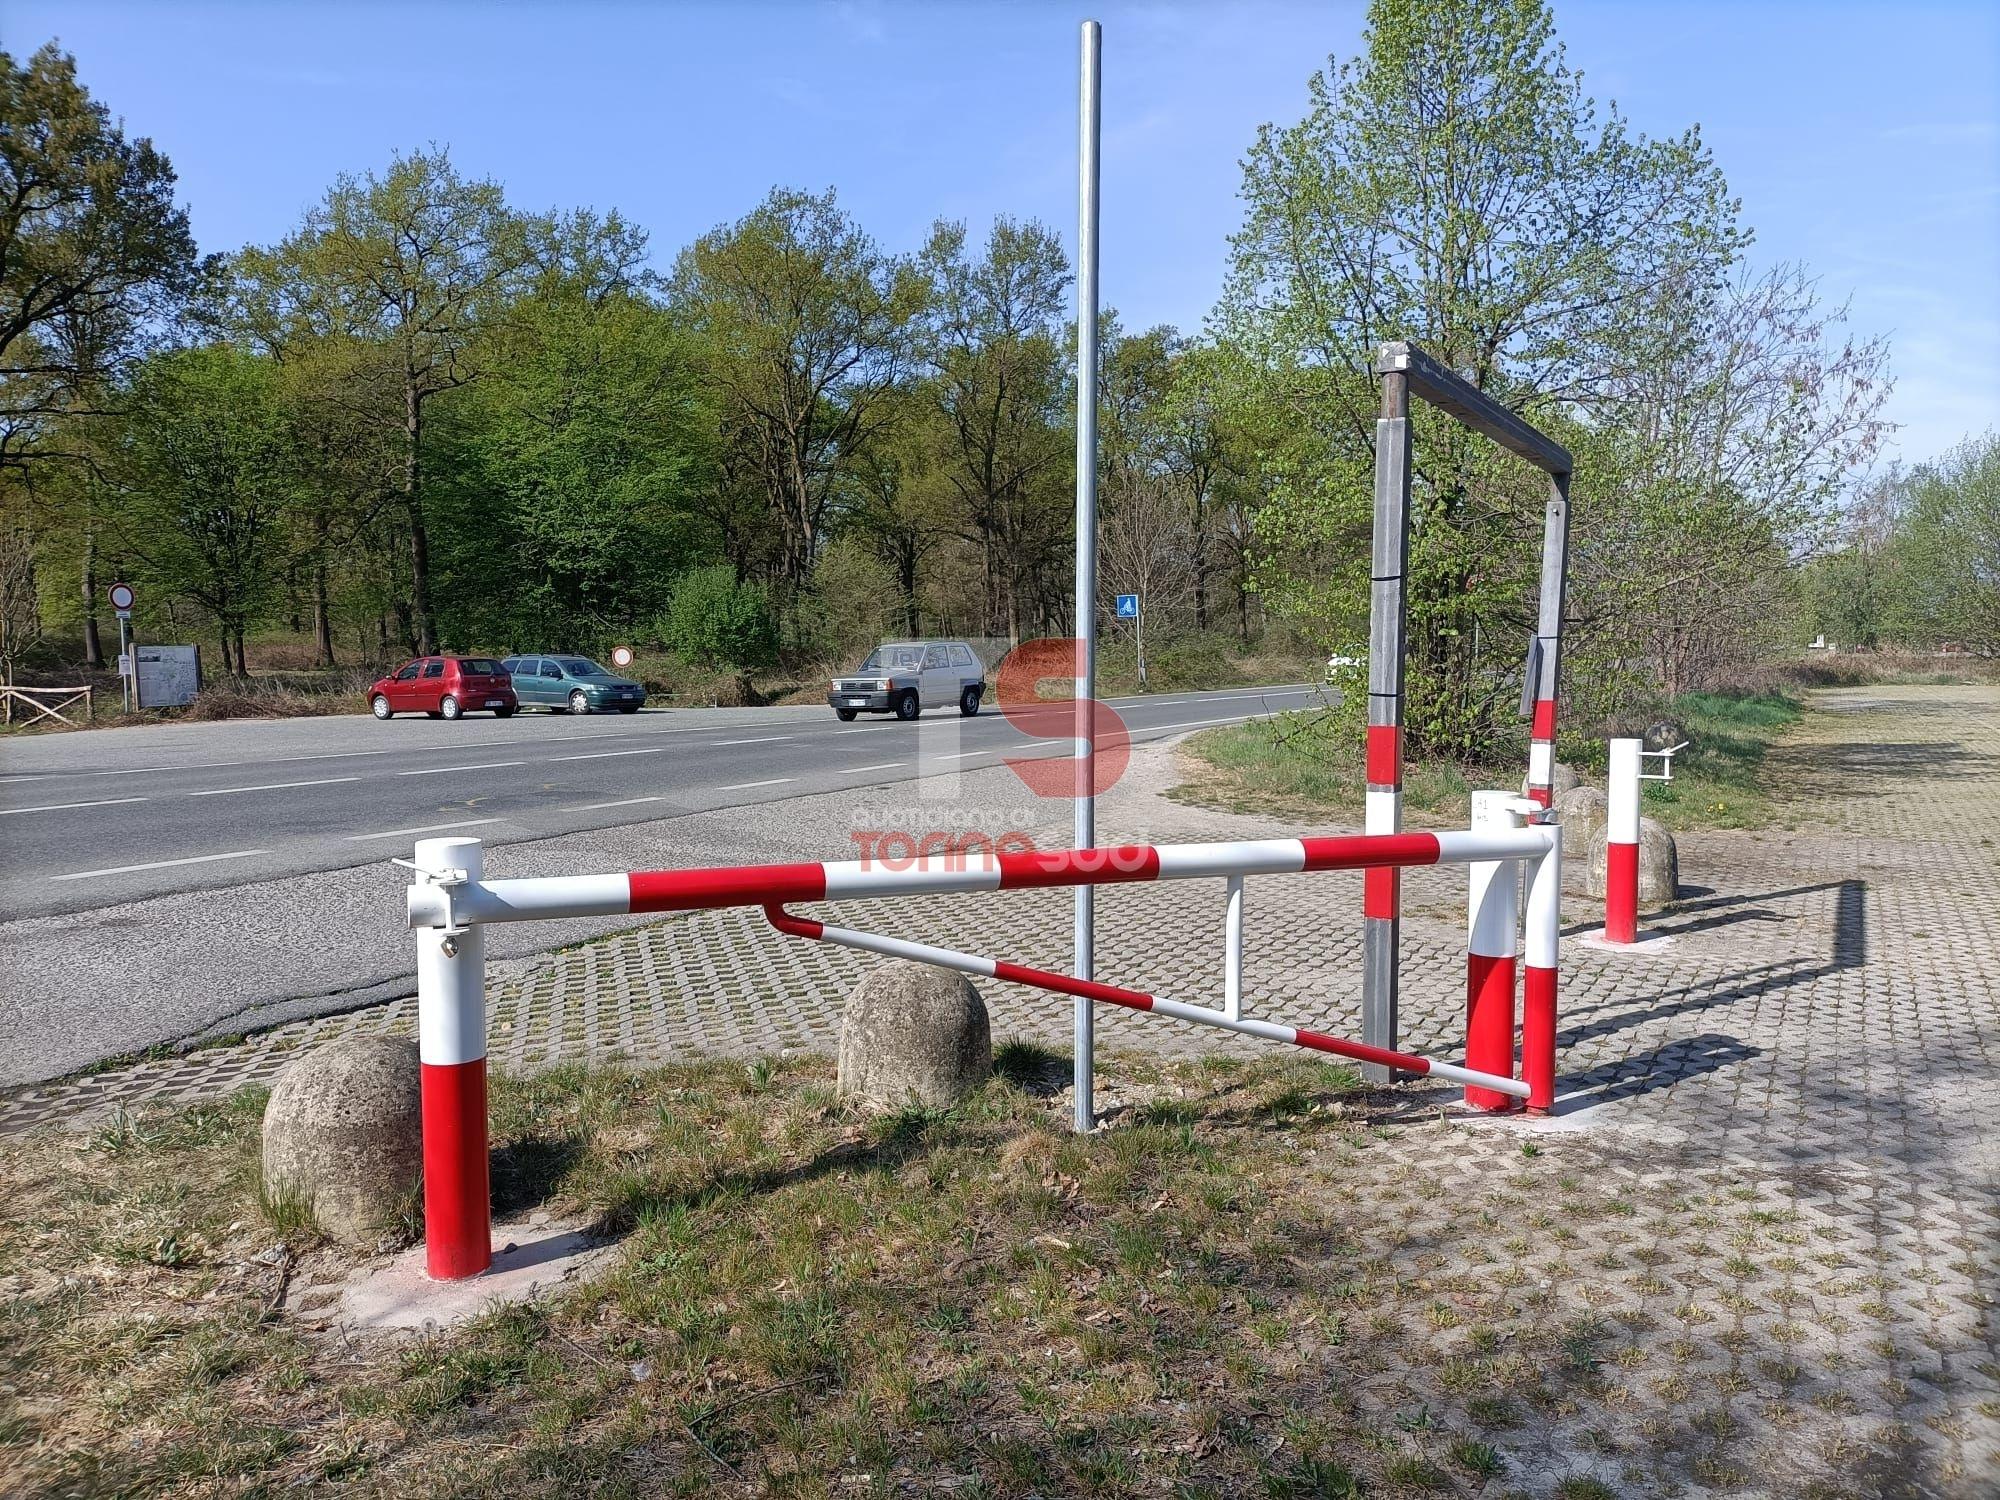 NICHELINO - Ecco le sbarre anti prostituzione al parco di Stupinigi: chiuderanno i parcheggi